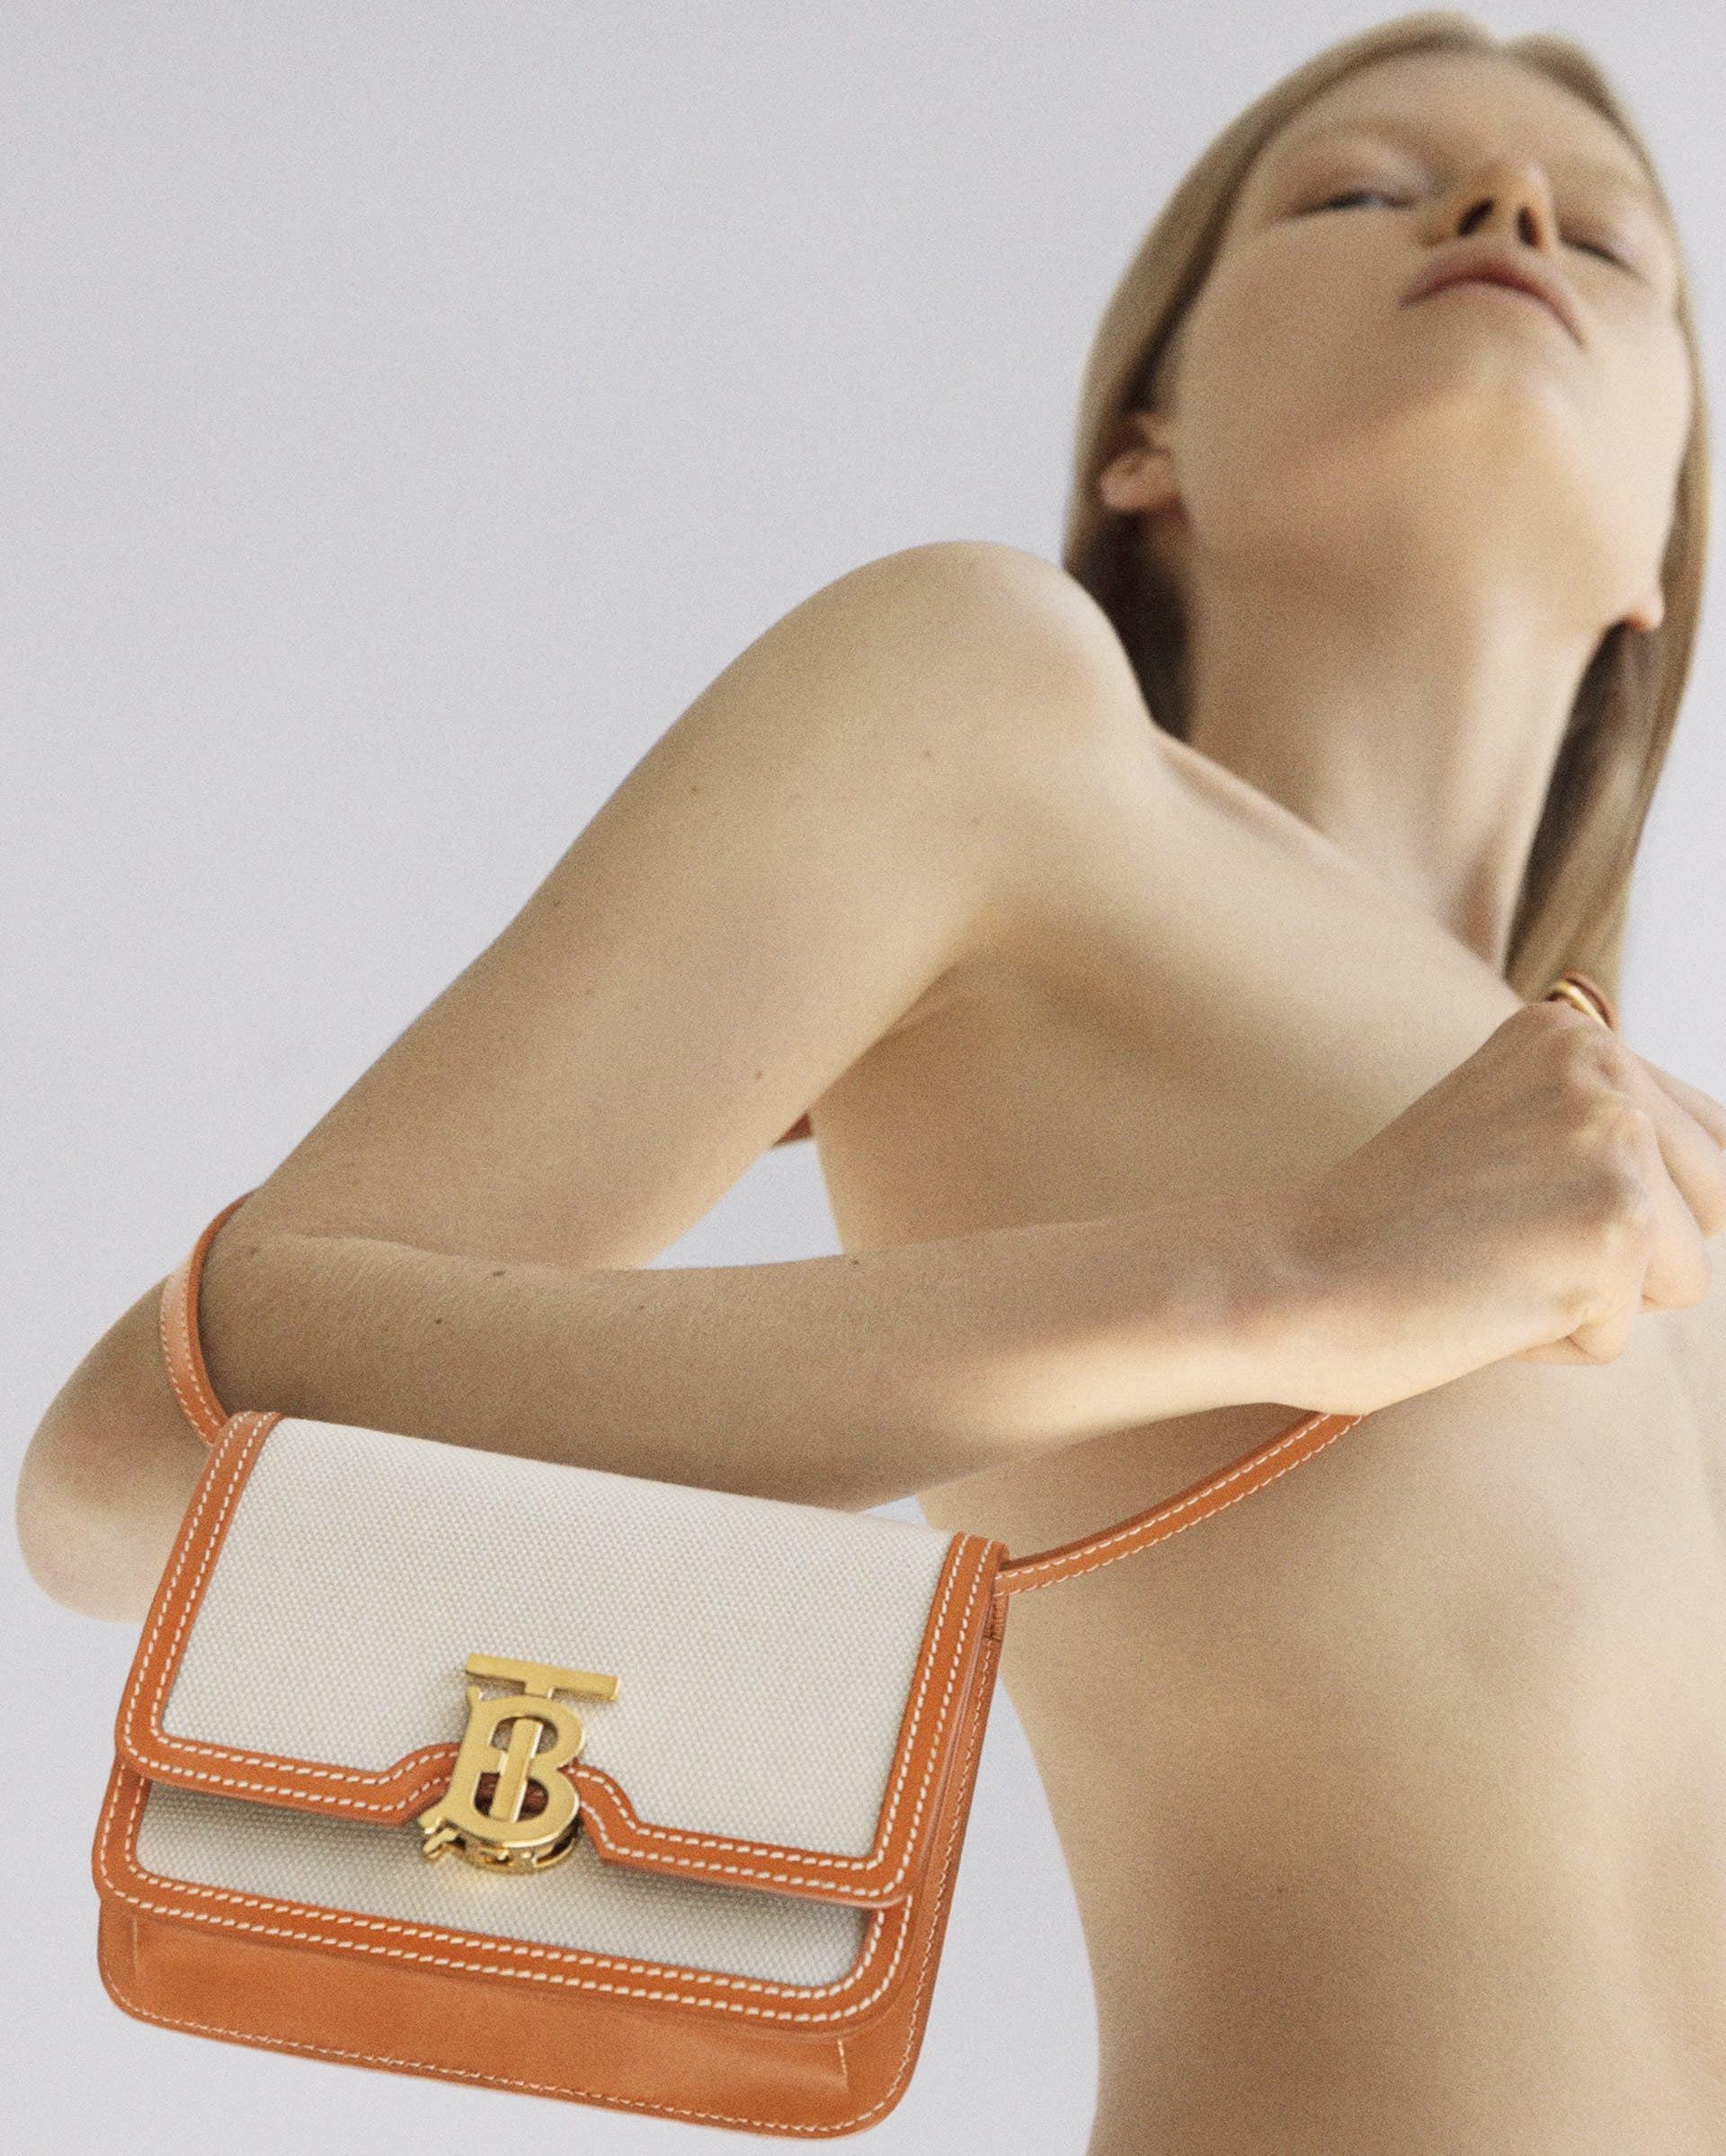 バーバリー「B シリーズ」に限定カラーのミニTBバッグが登場|LINEとInstagramにて限定販売 lf200518_burberry_bseries_4-1920x2399